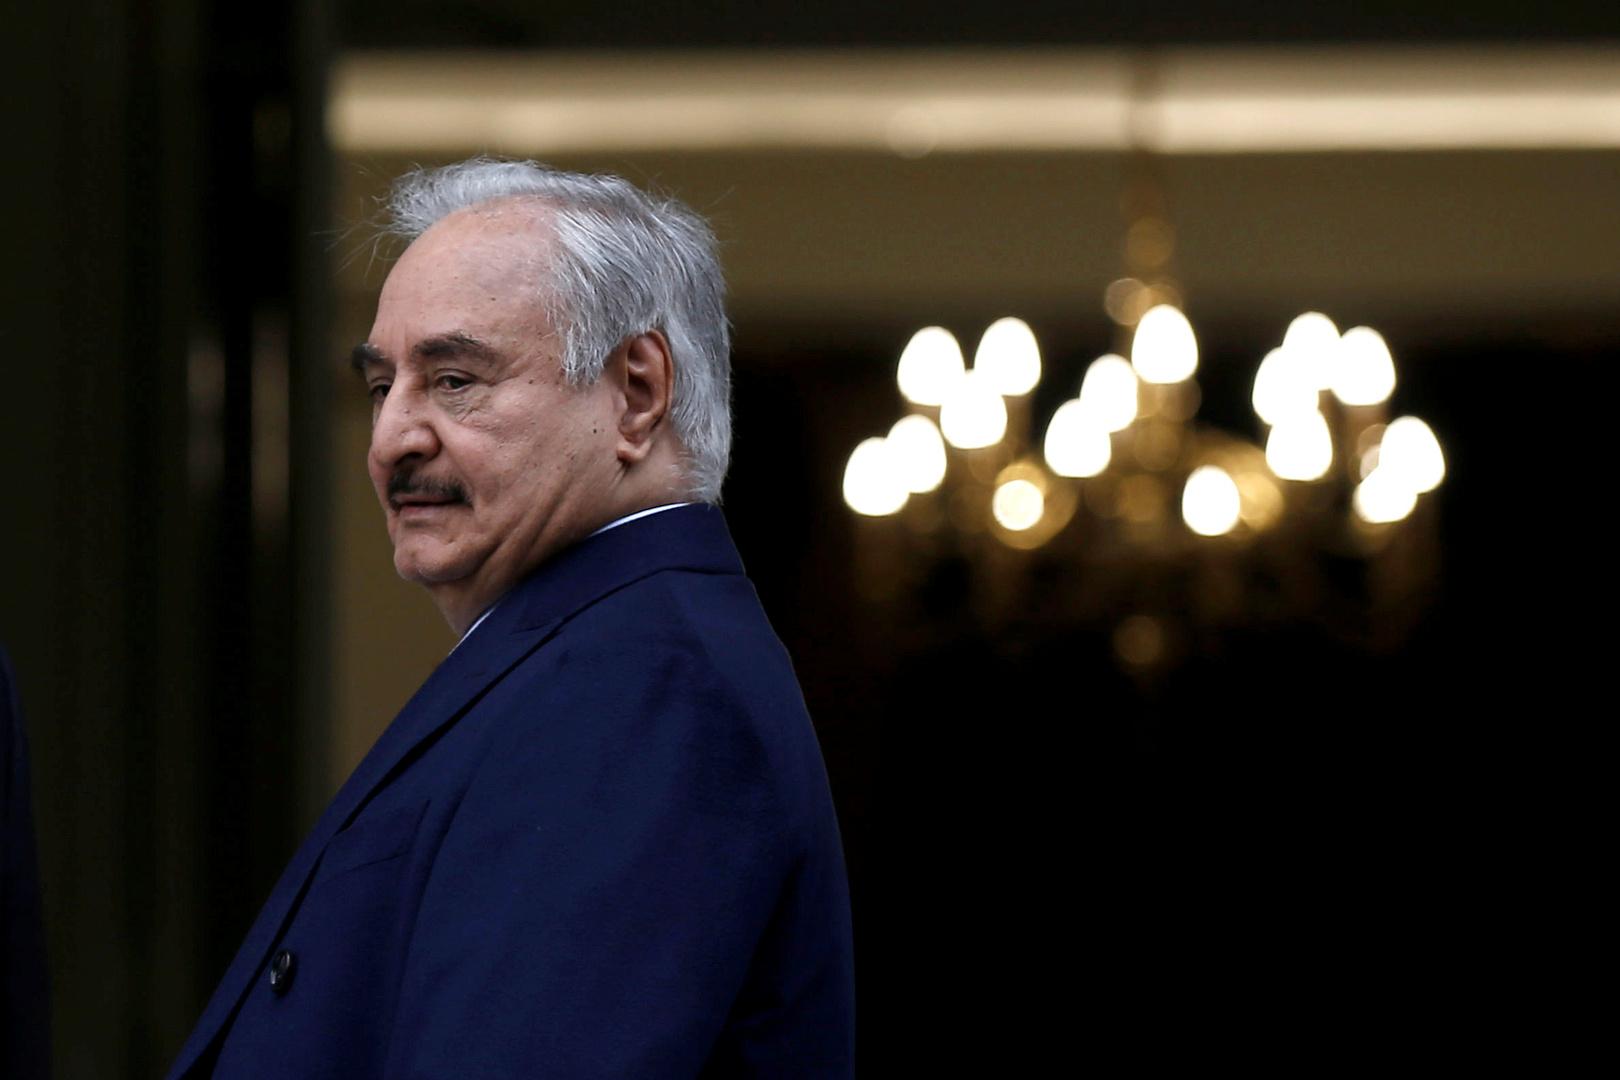 حفتر يعلن استئناف إنتاج وتصدير النفط في ليبيا